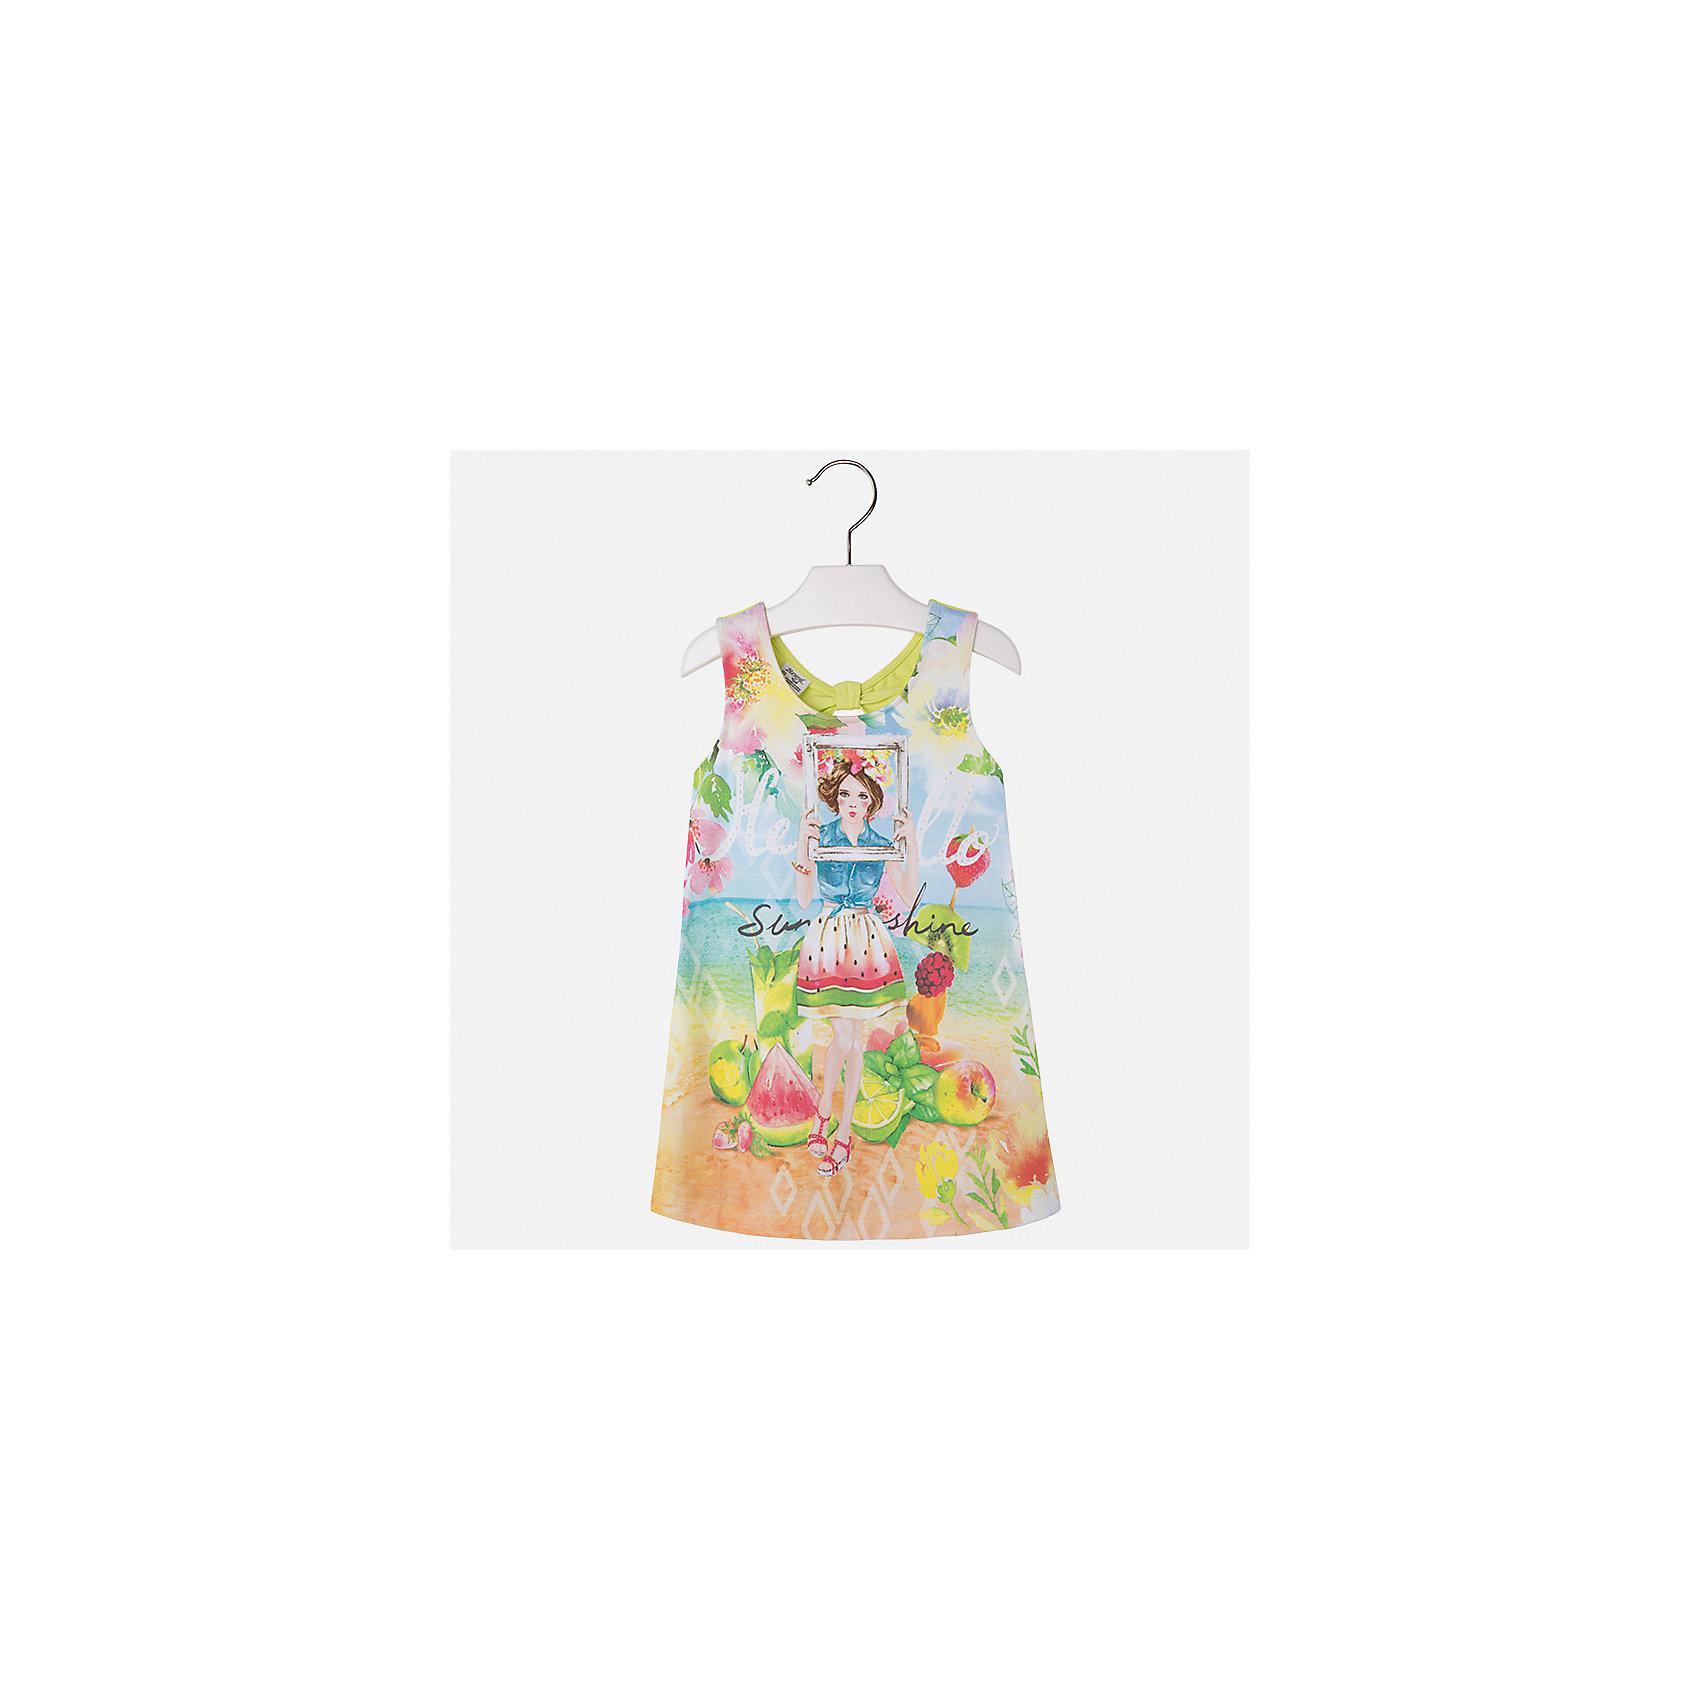 Платье для девочки MayoralЛетние платья и сарафаны<br>Характеристики товара:<br><br>• цвет: мультиколор/зеленый<br>• состав: 92% хлопок, 8% эластан<br>• без застежки<br>• принт<br>• без рукавов<br>• без подкладки<br>• страна бренда: Испания<br><br>Модное красивое платье для девочки поможет разнообразить гардероб ребенка и создать эффектный наряд. Оно отлично подойдет для различных случаев. Красивый оттенок позволяет подобрать к вещи обувь разных расцветок. Платье хорошо сидит по фигуре. . В составе материала - натуральный хлопок, гипоаллергенный, приятный на ощупь, дышащий.<br><br>Одежда, обувь и аксессуары от испанского бренда Mayoral полюбились детям и взрослым по всему миру. Модели этой марки - стильные и удобные. Для их производства используются только безопасные, качественные материалы и фурнитура. Порадуйте ребенка модными и красивыми вещами от Mayoral! <br><br>Платье для девочки от испанского бренда Mayoral (Майорал) можно купить в нашем интернет-магазине.<br><br>Ширина мм: 236<br>Глубина мм: 16<br>Высота мм: 184<br>Вес г: 177<br>Цвет: зеленый<br>Возраст от месяцев: 96<br>Возраст до месяцев: 108<br>Пол: Женский<br>Возраст: Детский<br>Размер: 98,104,110,128,116,122,134,92<br>SKU: 5291489